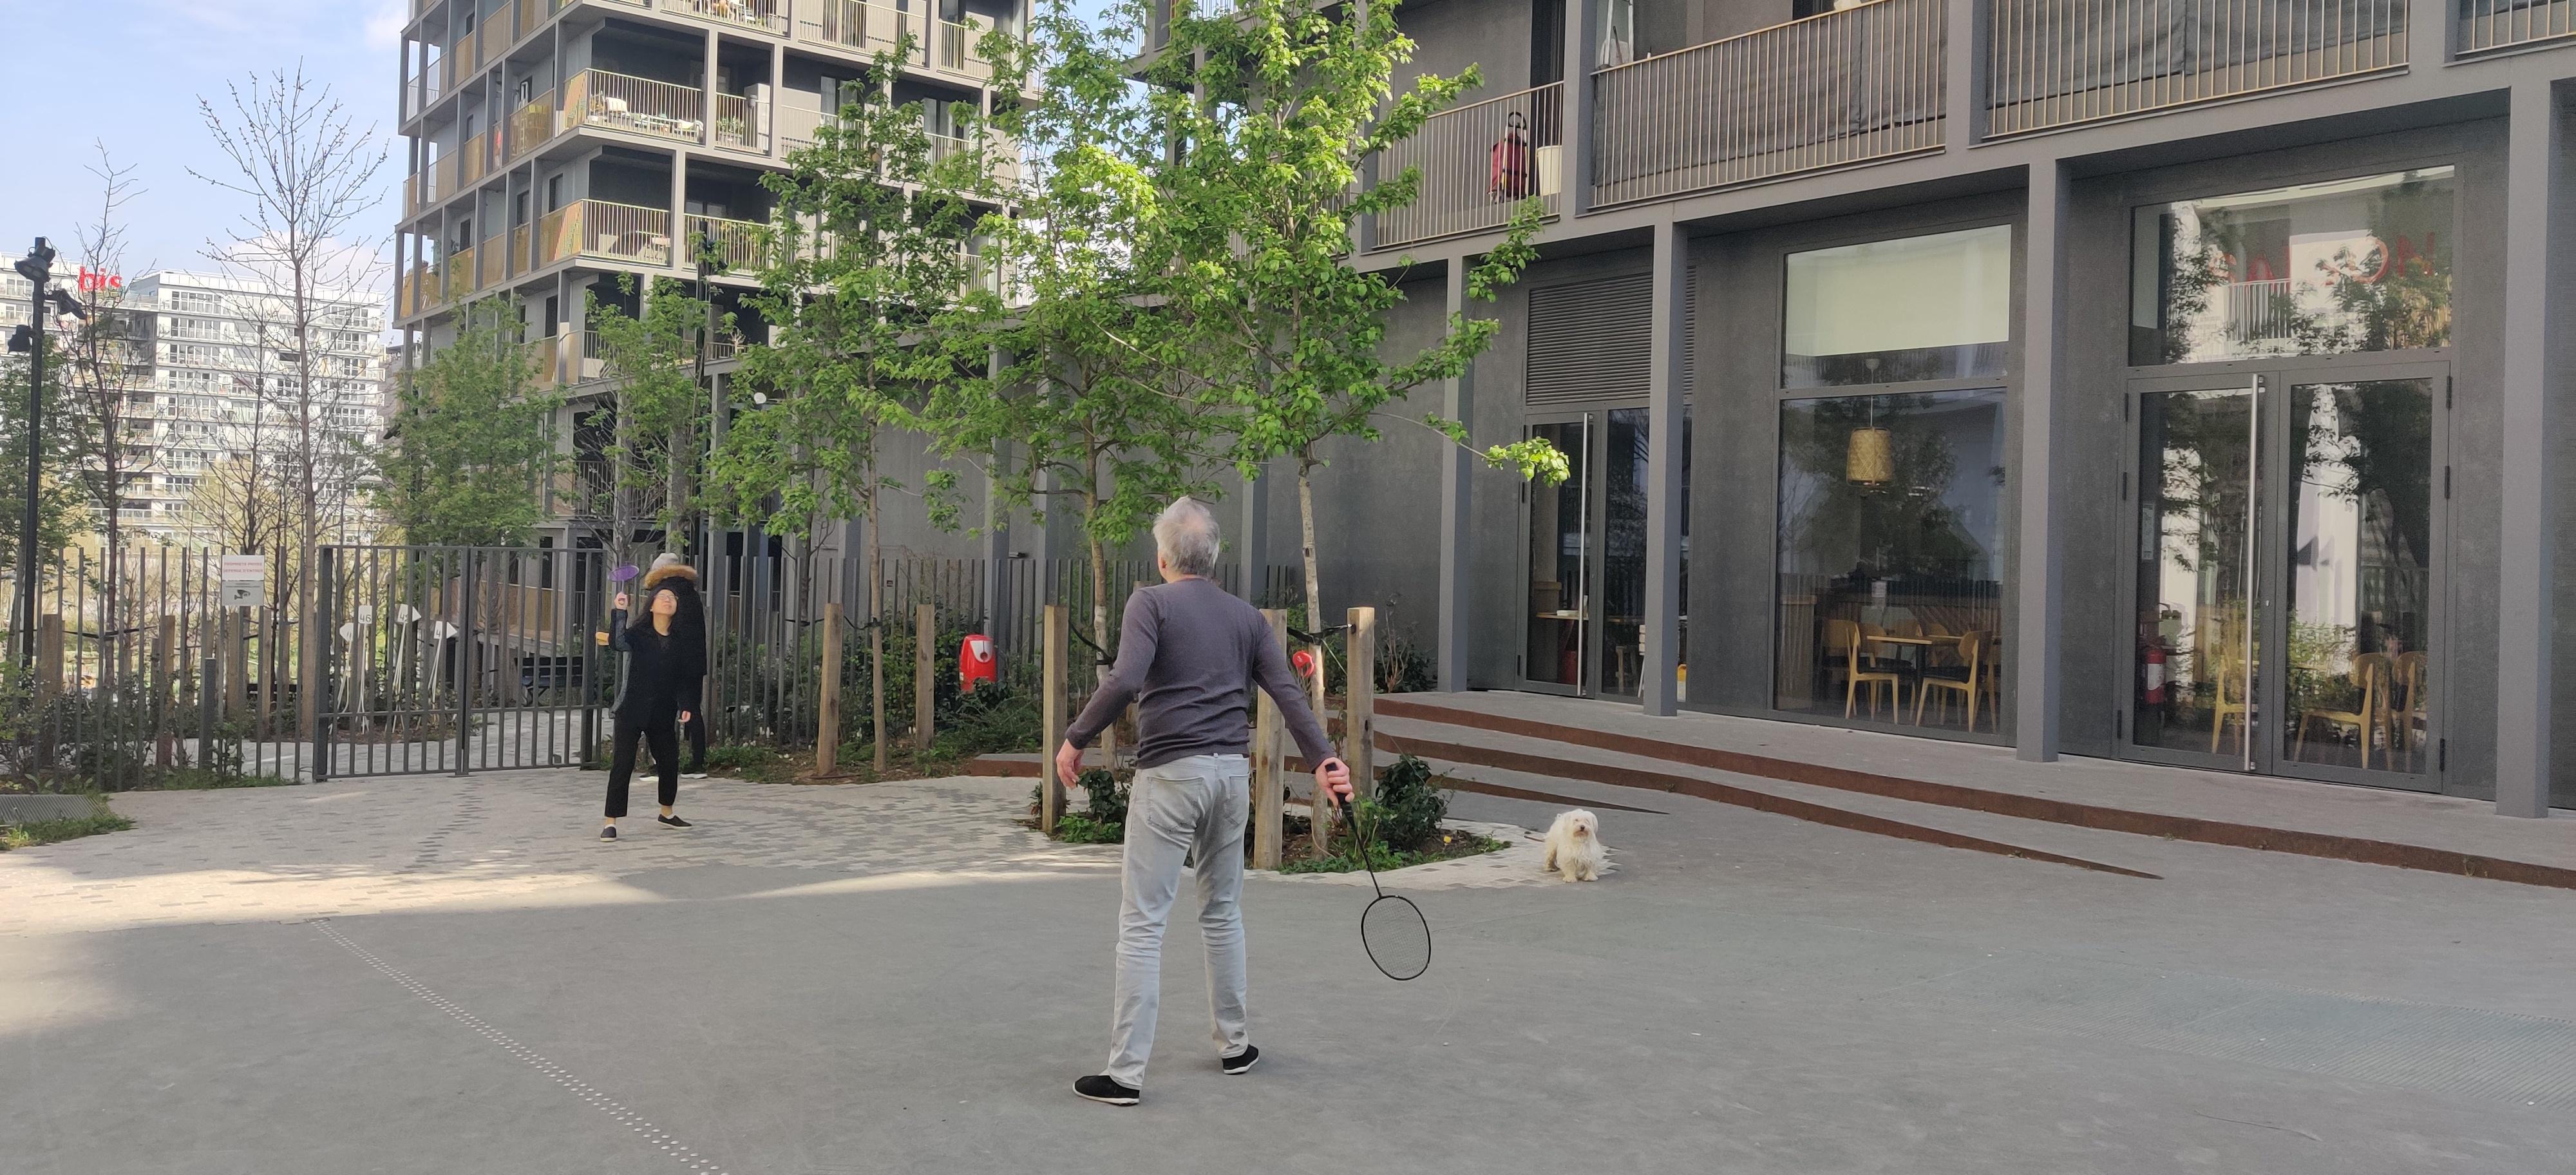 écoquartier clichy batignolles paris, des habitants jouent devant l'immeuble, automne, un passant passé, l'environnement est propre